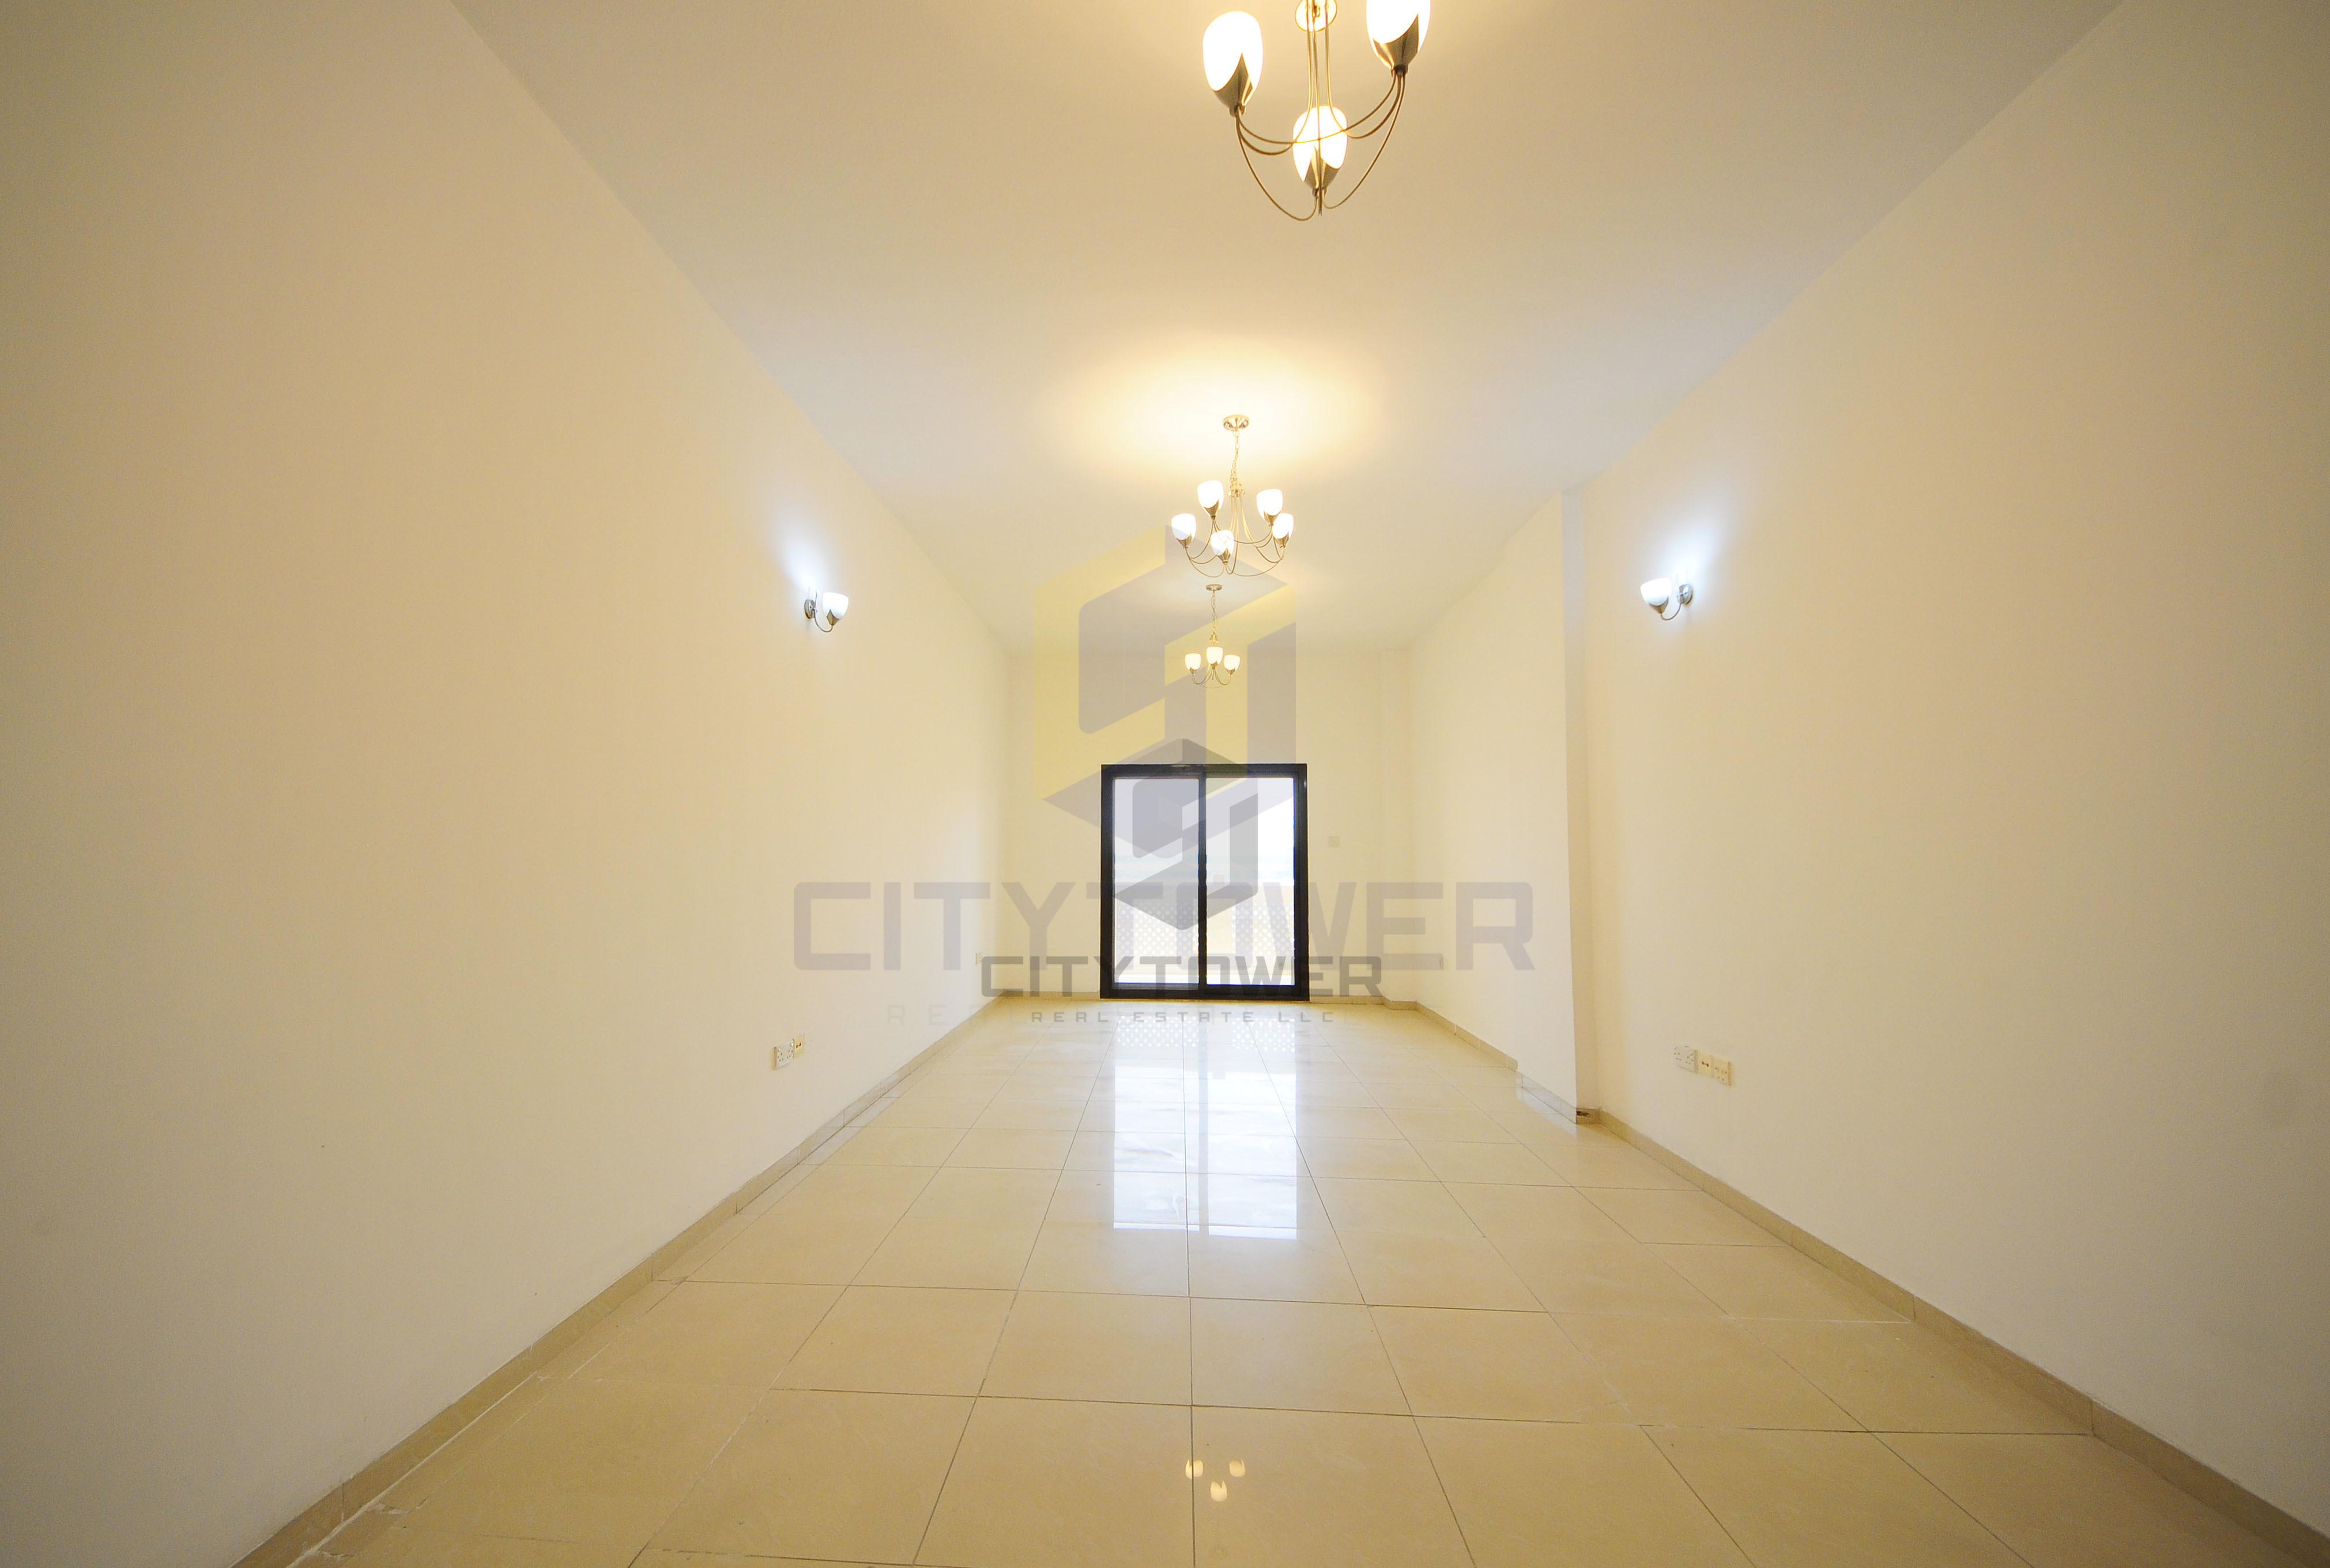 1,570 Sqft 2 Bedrooms in Damascus Road Al Qusais